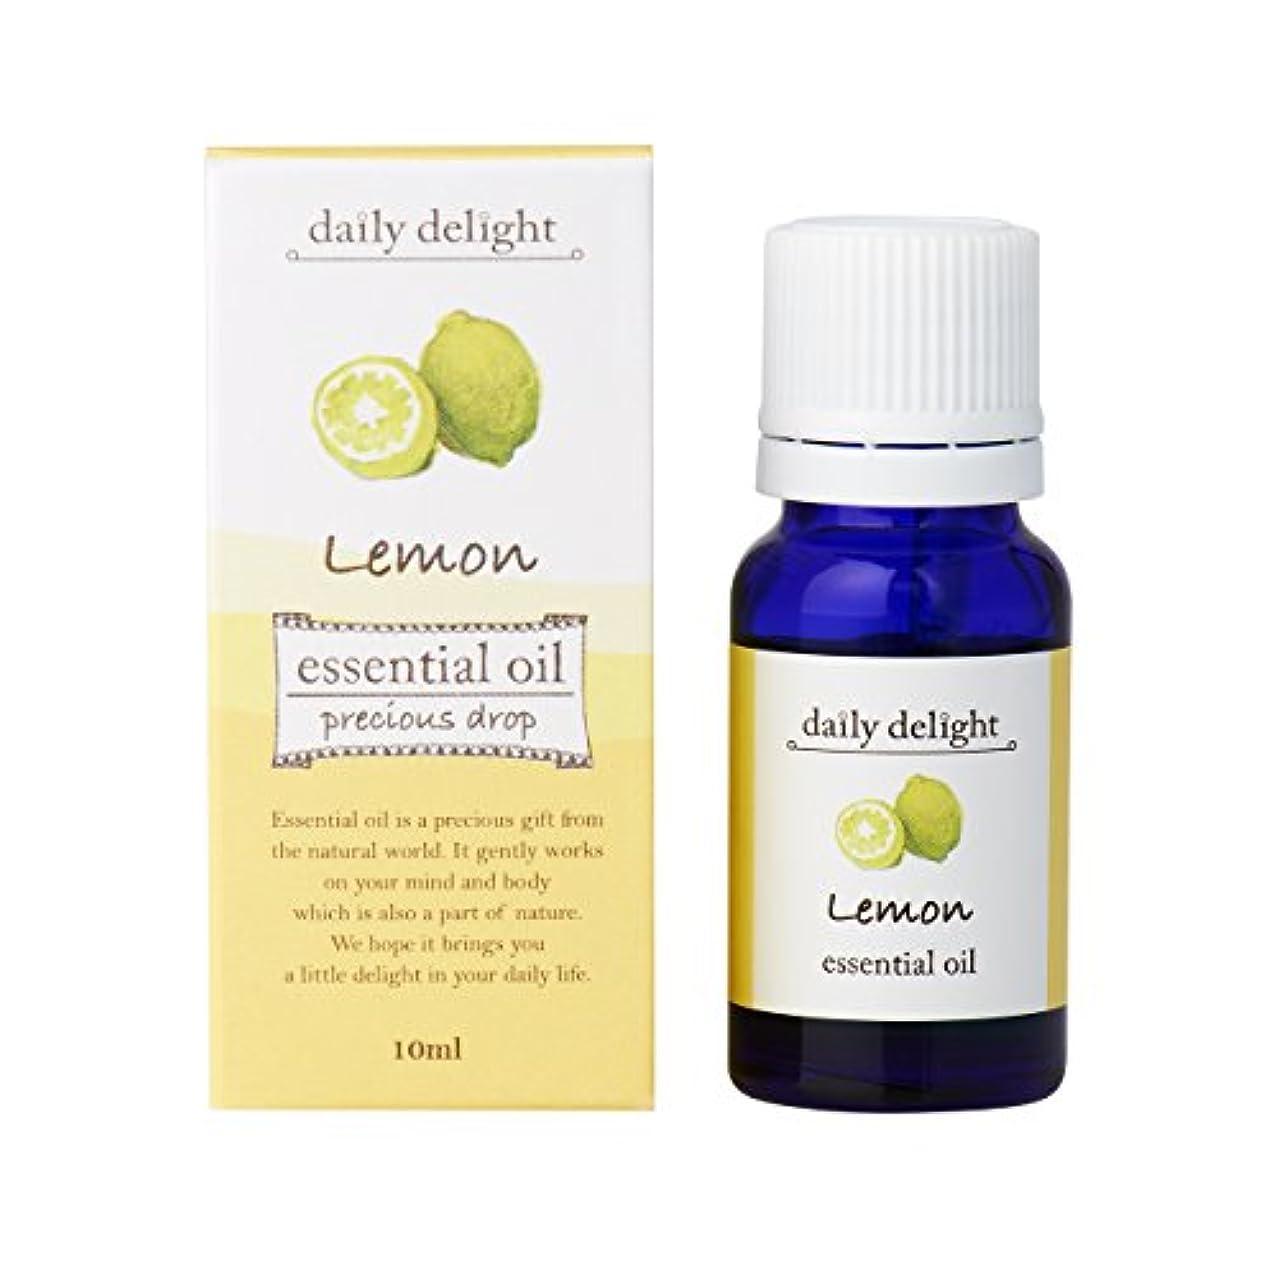 株式会社米ドル反対するデイリーディライト エッセンシャルオイル  レモン 10ml(天然100% 精油 アロマ 柑橘系 さっぱりして気分転換におすすめの香り)